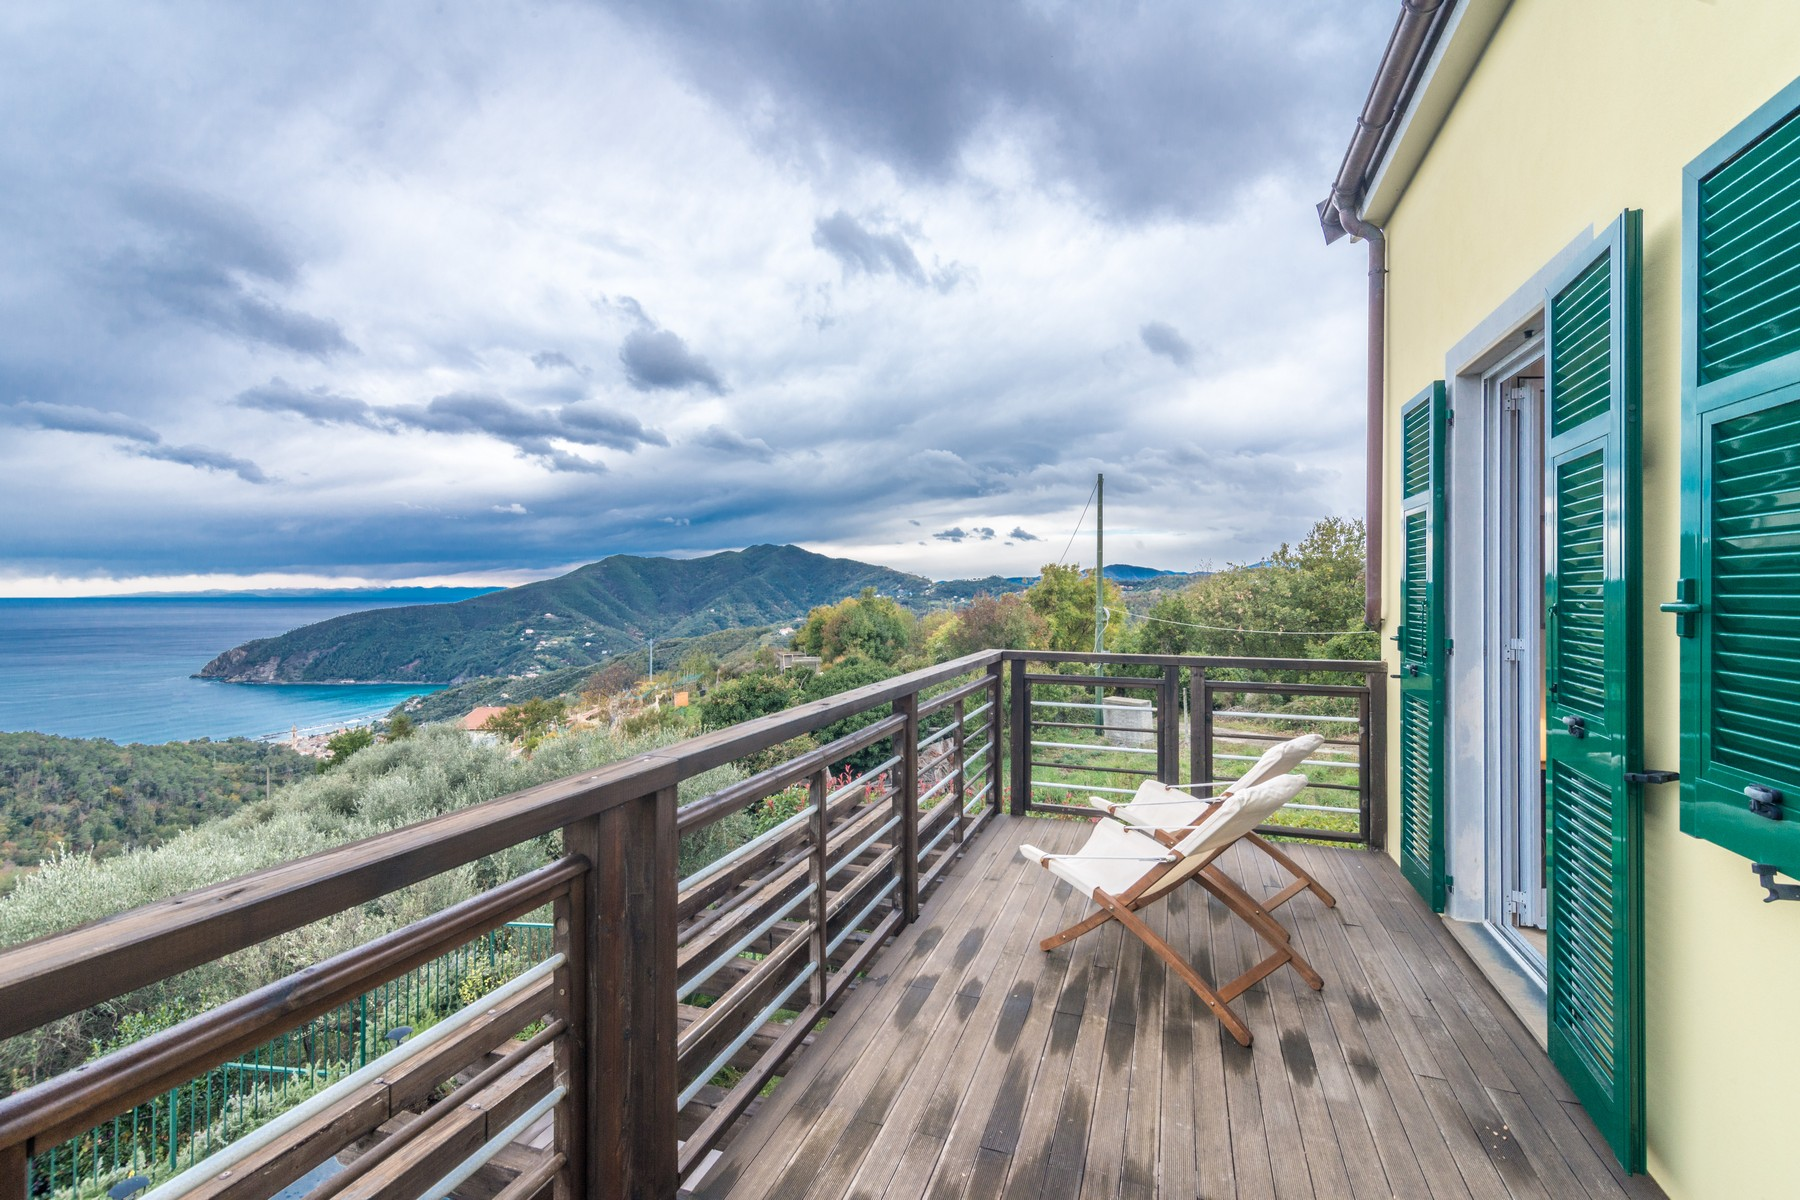 Casa indipendente in Vendita a Moneglia: 5 locali, 140 mq - Foto 8